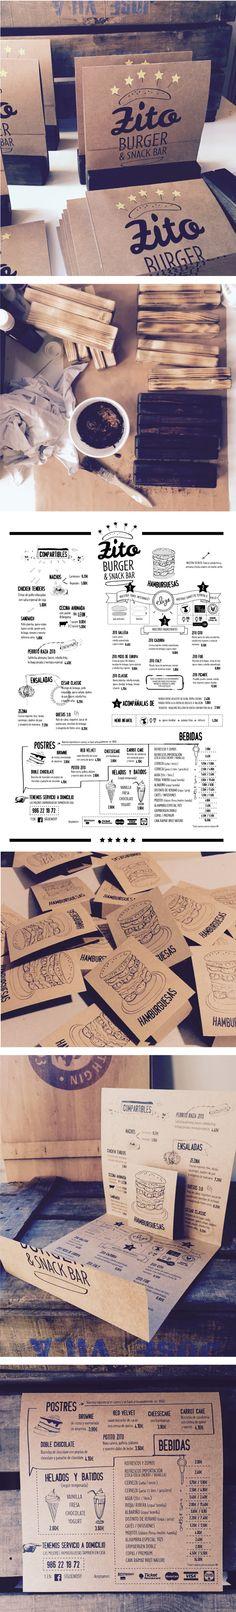 Diseño de imagen y cartas para hamburguesería en Vigo Branding, Graphic Design, Deco, Menu Cards, Picture Layouts, Editorial Design, Design Web, Logos, Studio